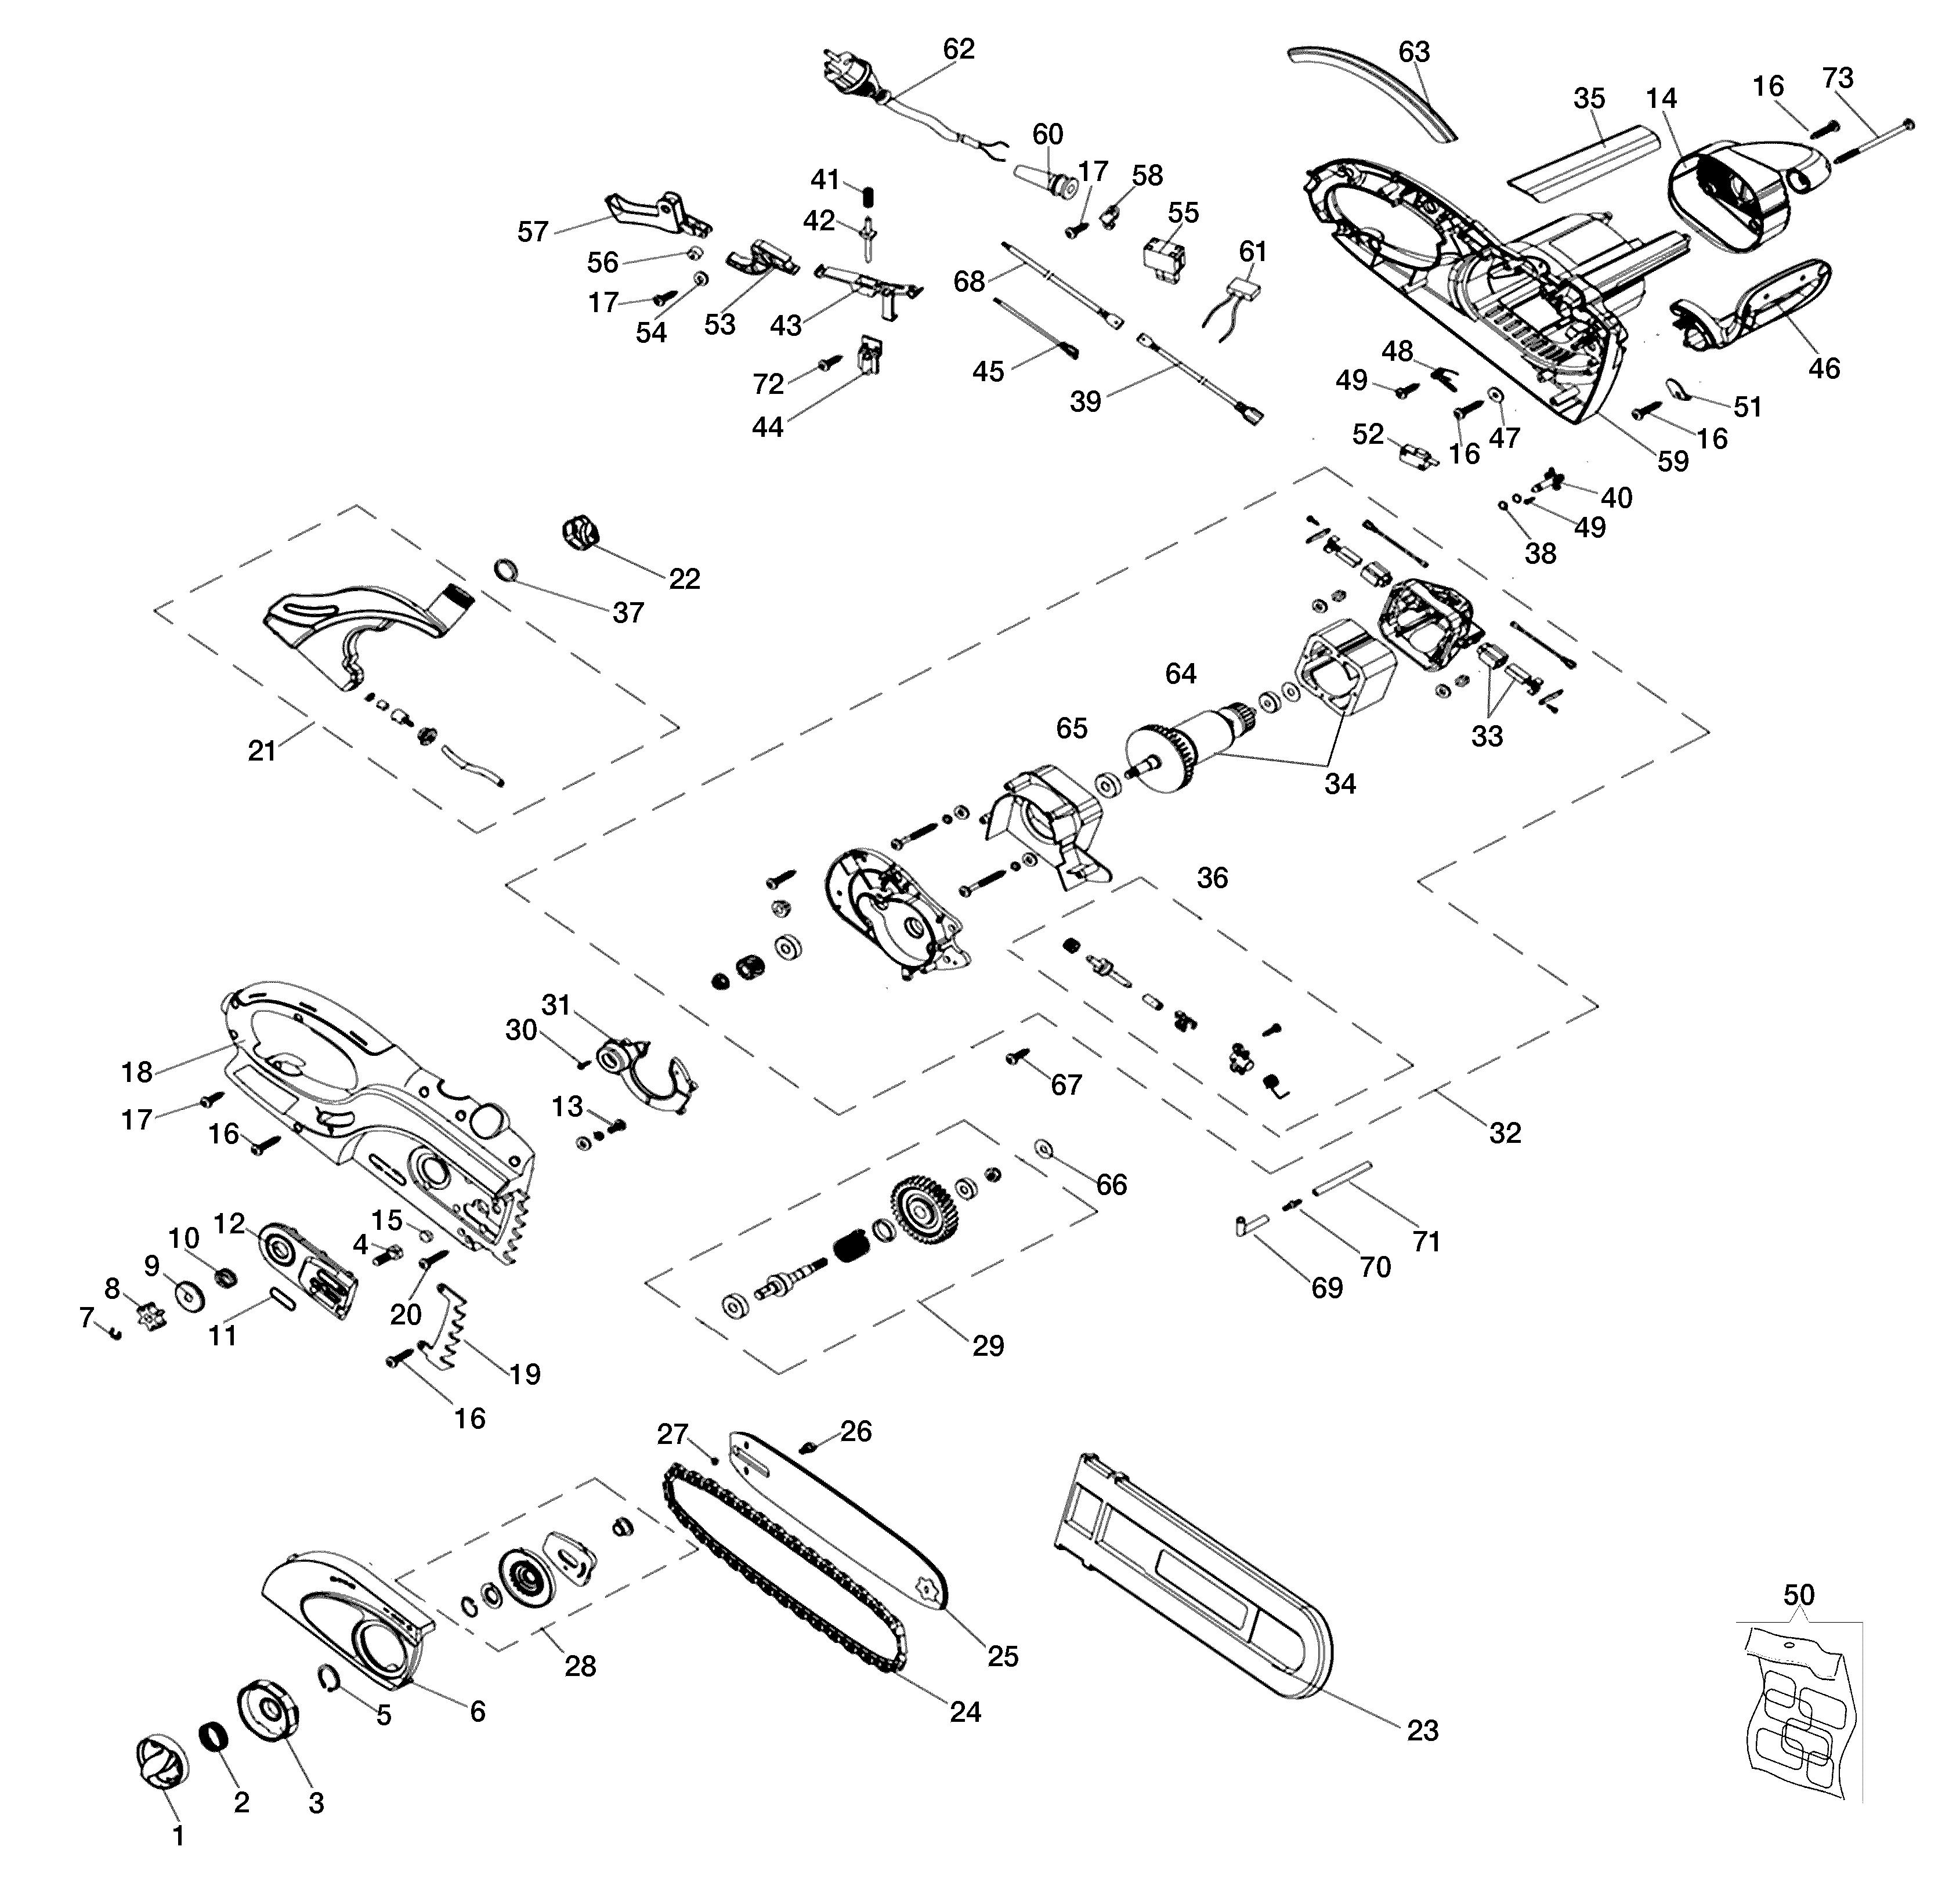 GS 200 E Tronçonneuse électrique OLEOMAC Dessins pièces -  Vue éclatée complète